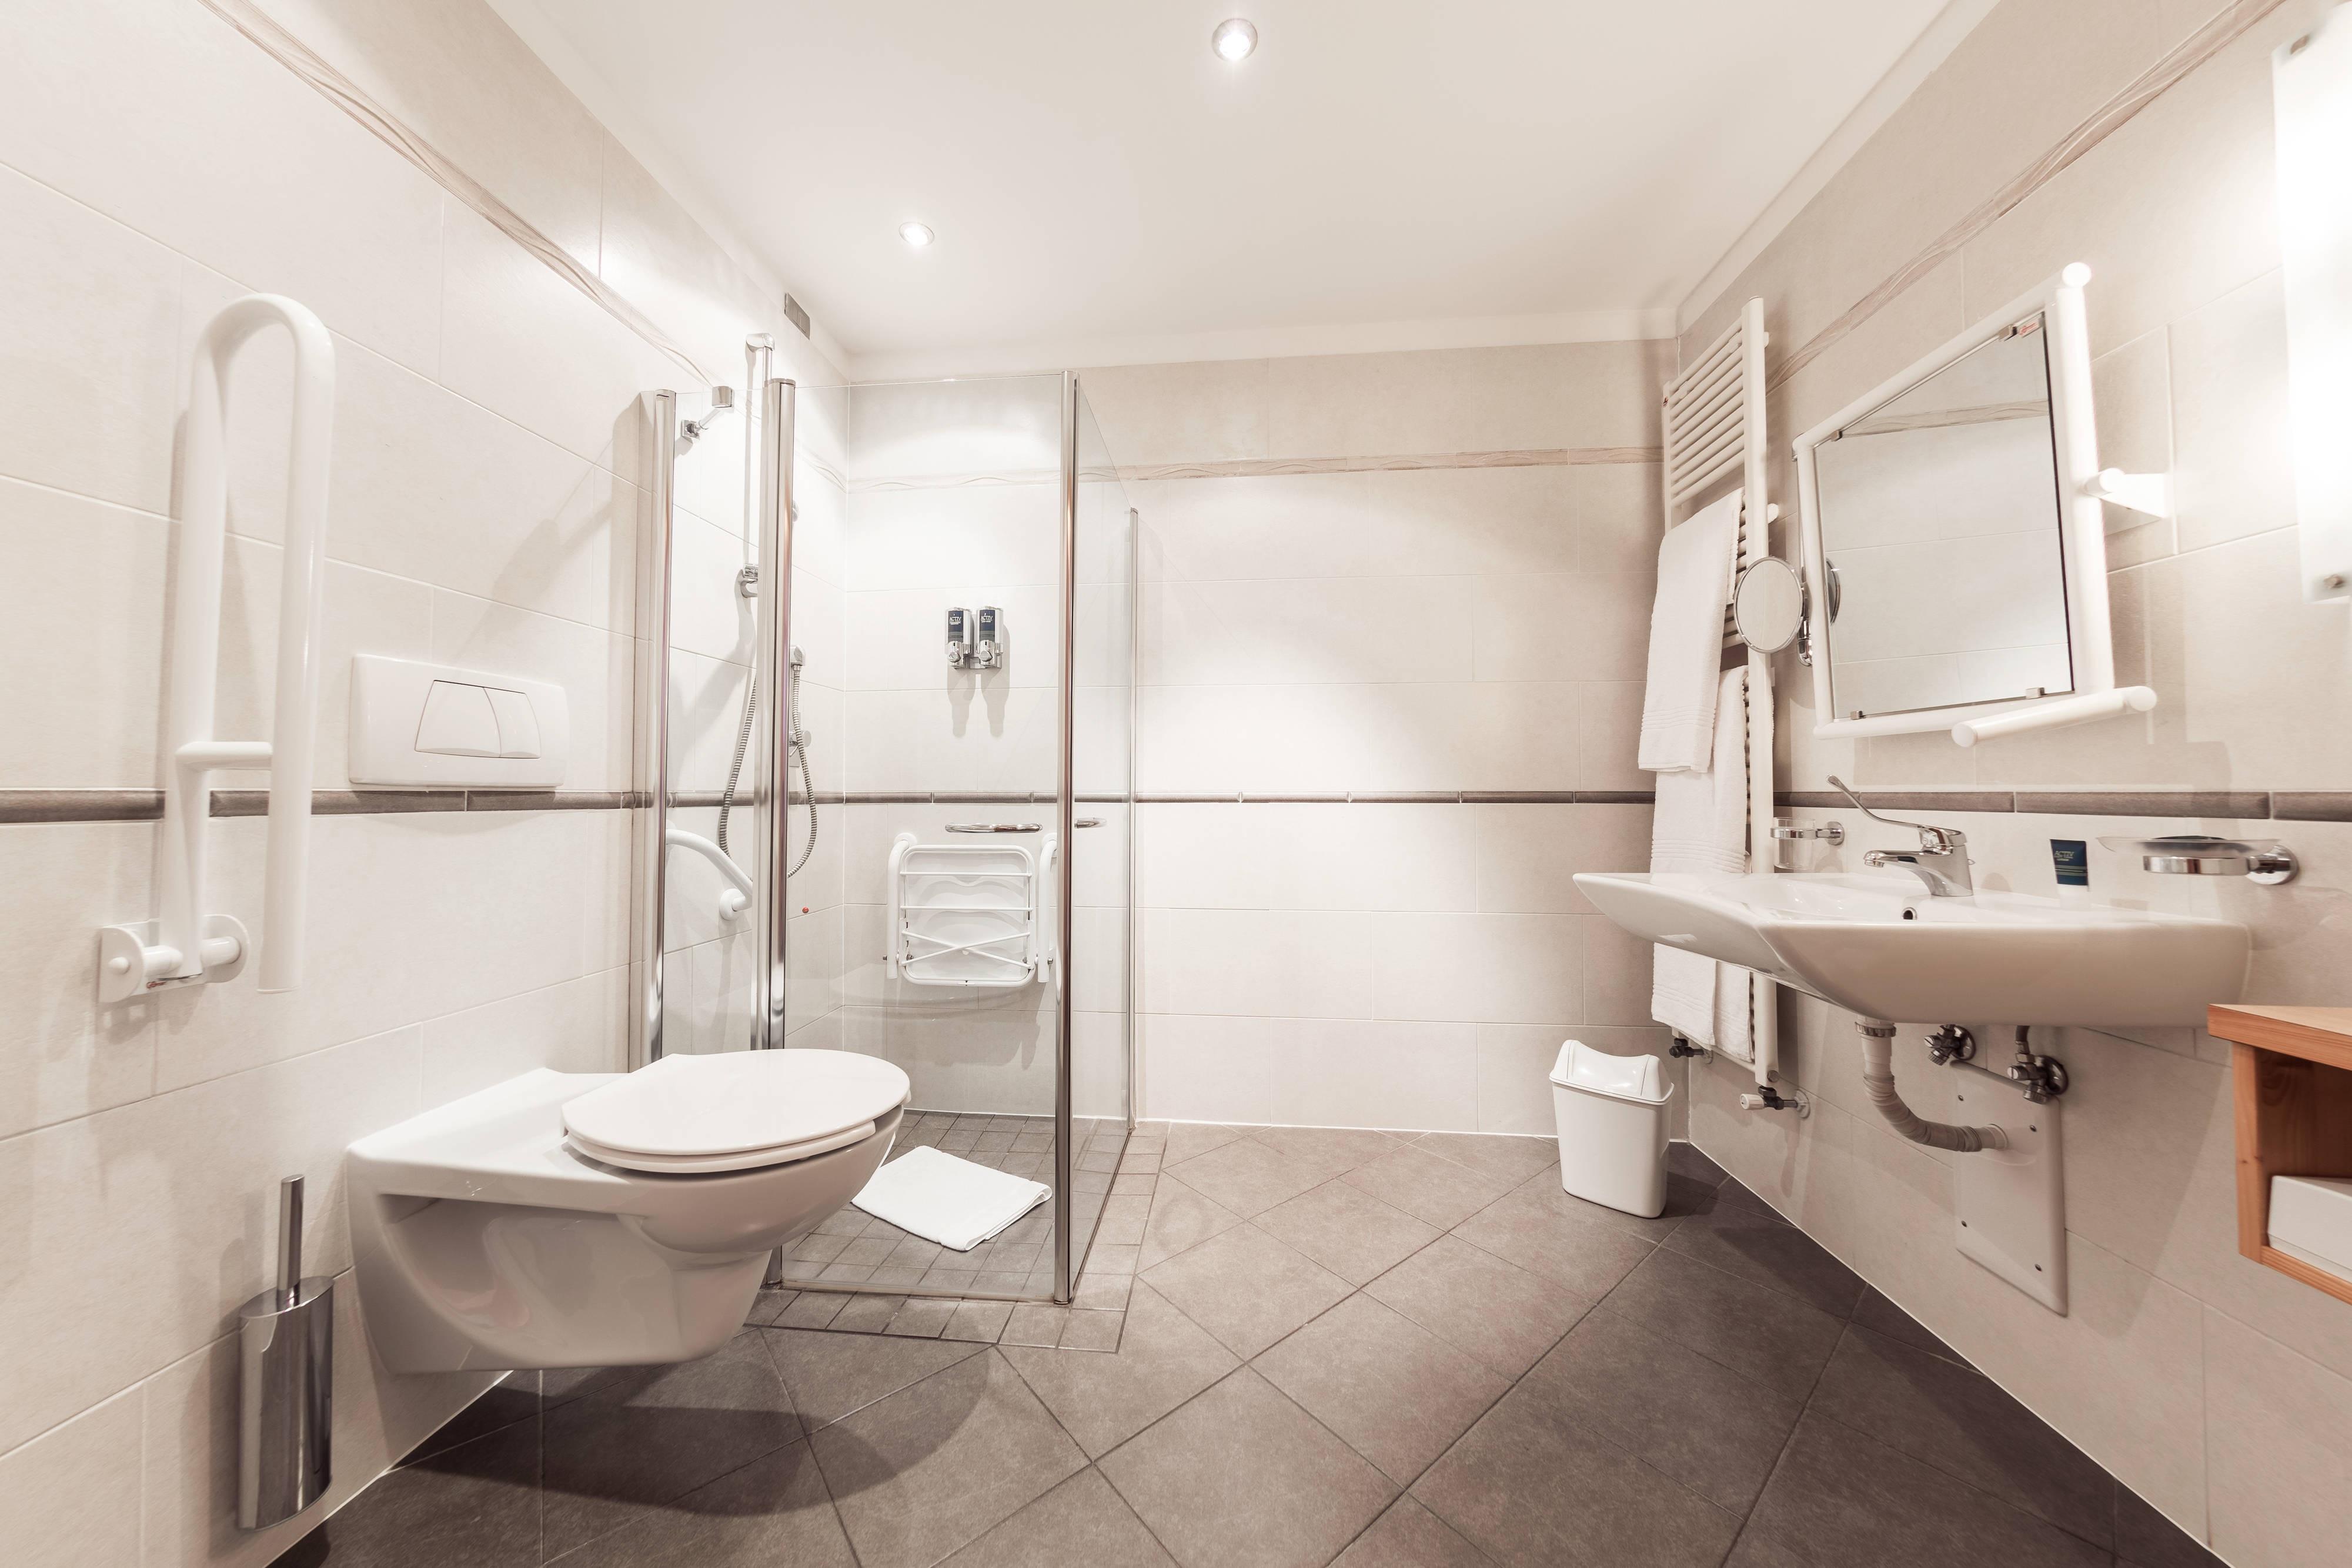 Salle de bains accessible aux personnes à mobilité réduite